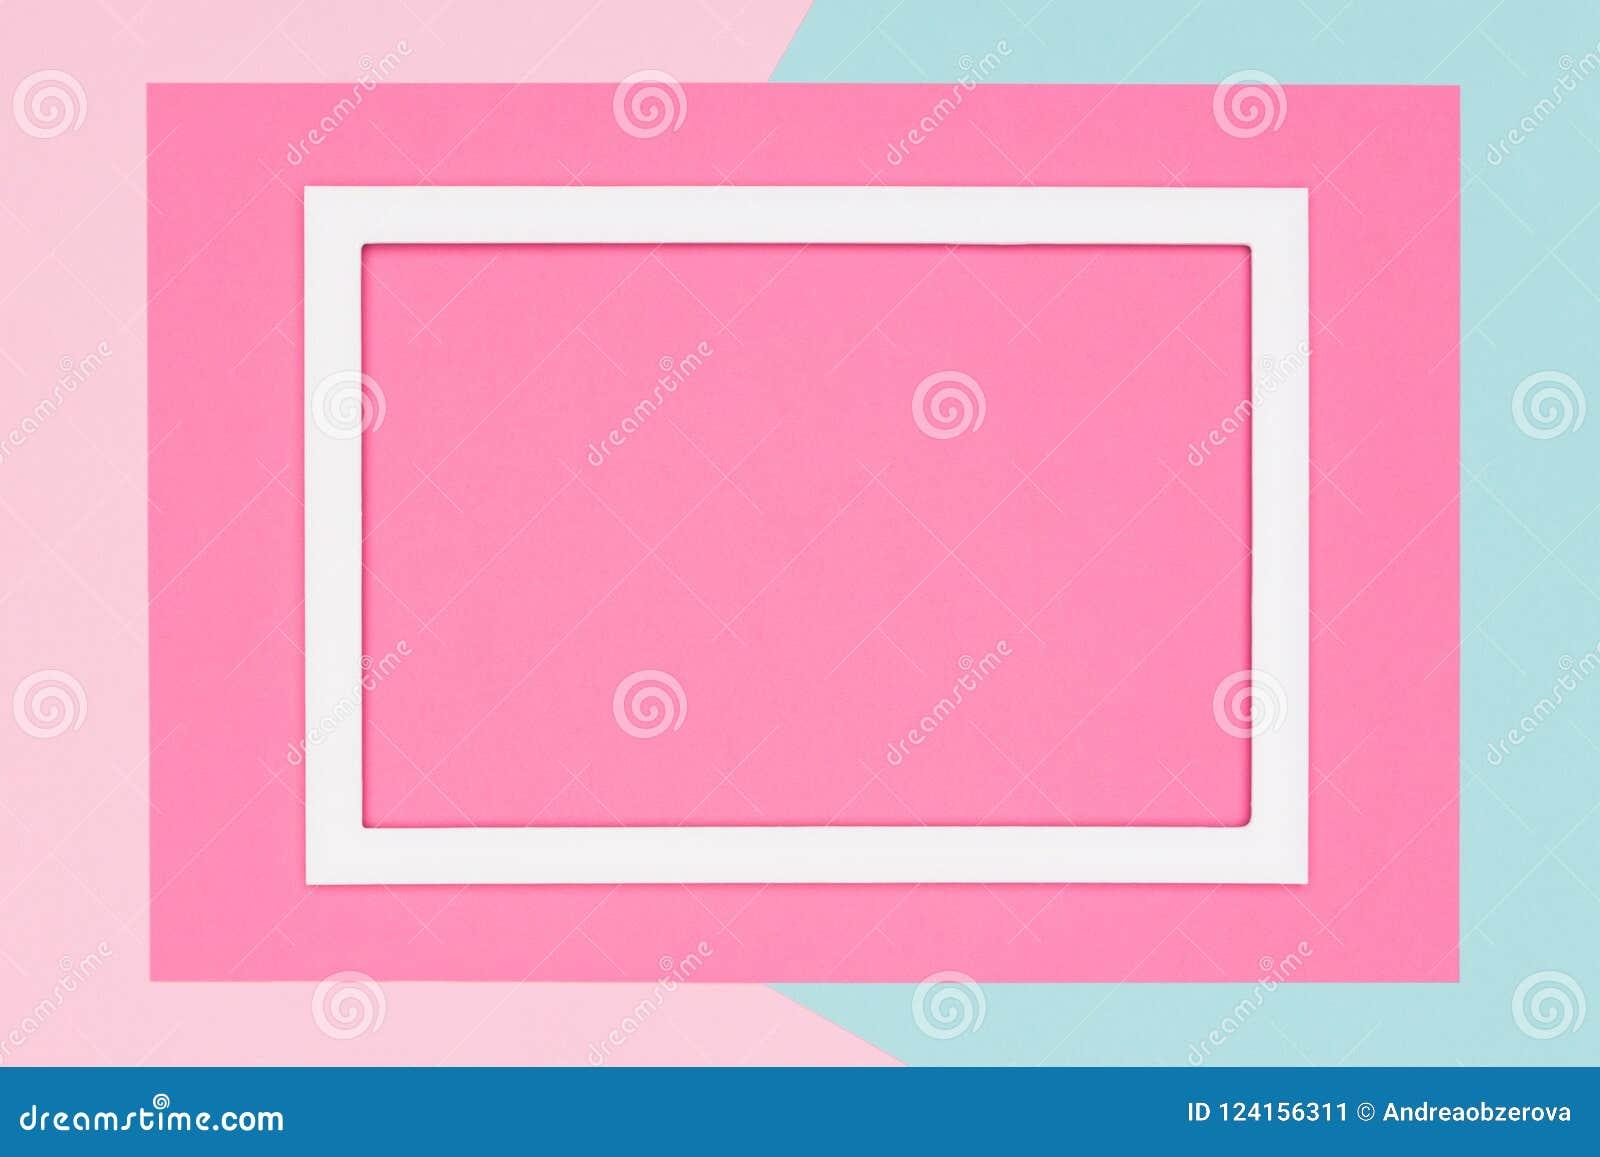 El azul en colores pastel geométrico abstracto, el trullo y el plano de papel rosado ponen el fondo Minimalismo, geometría y plan